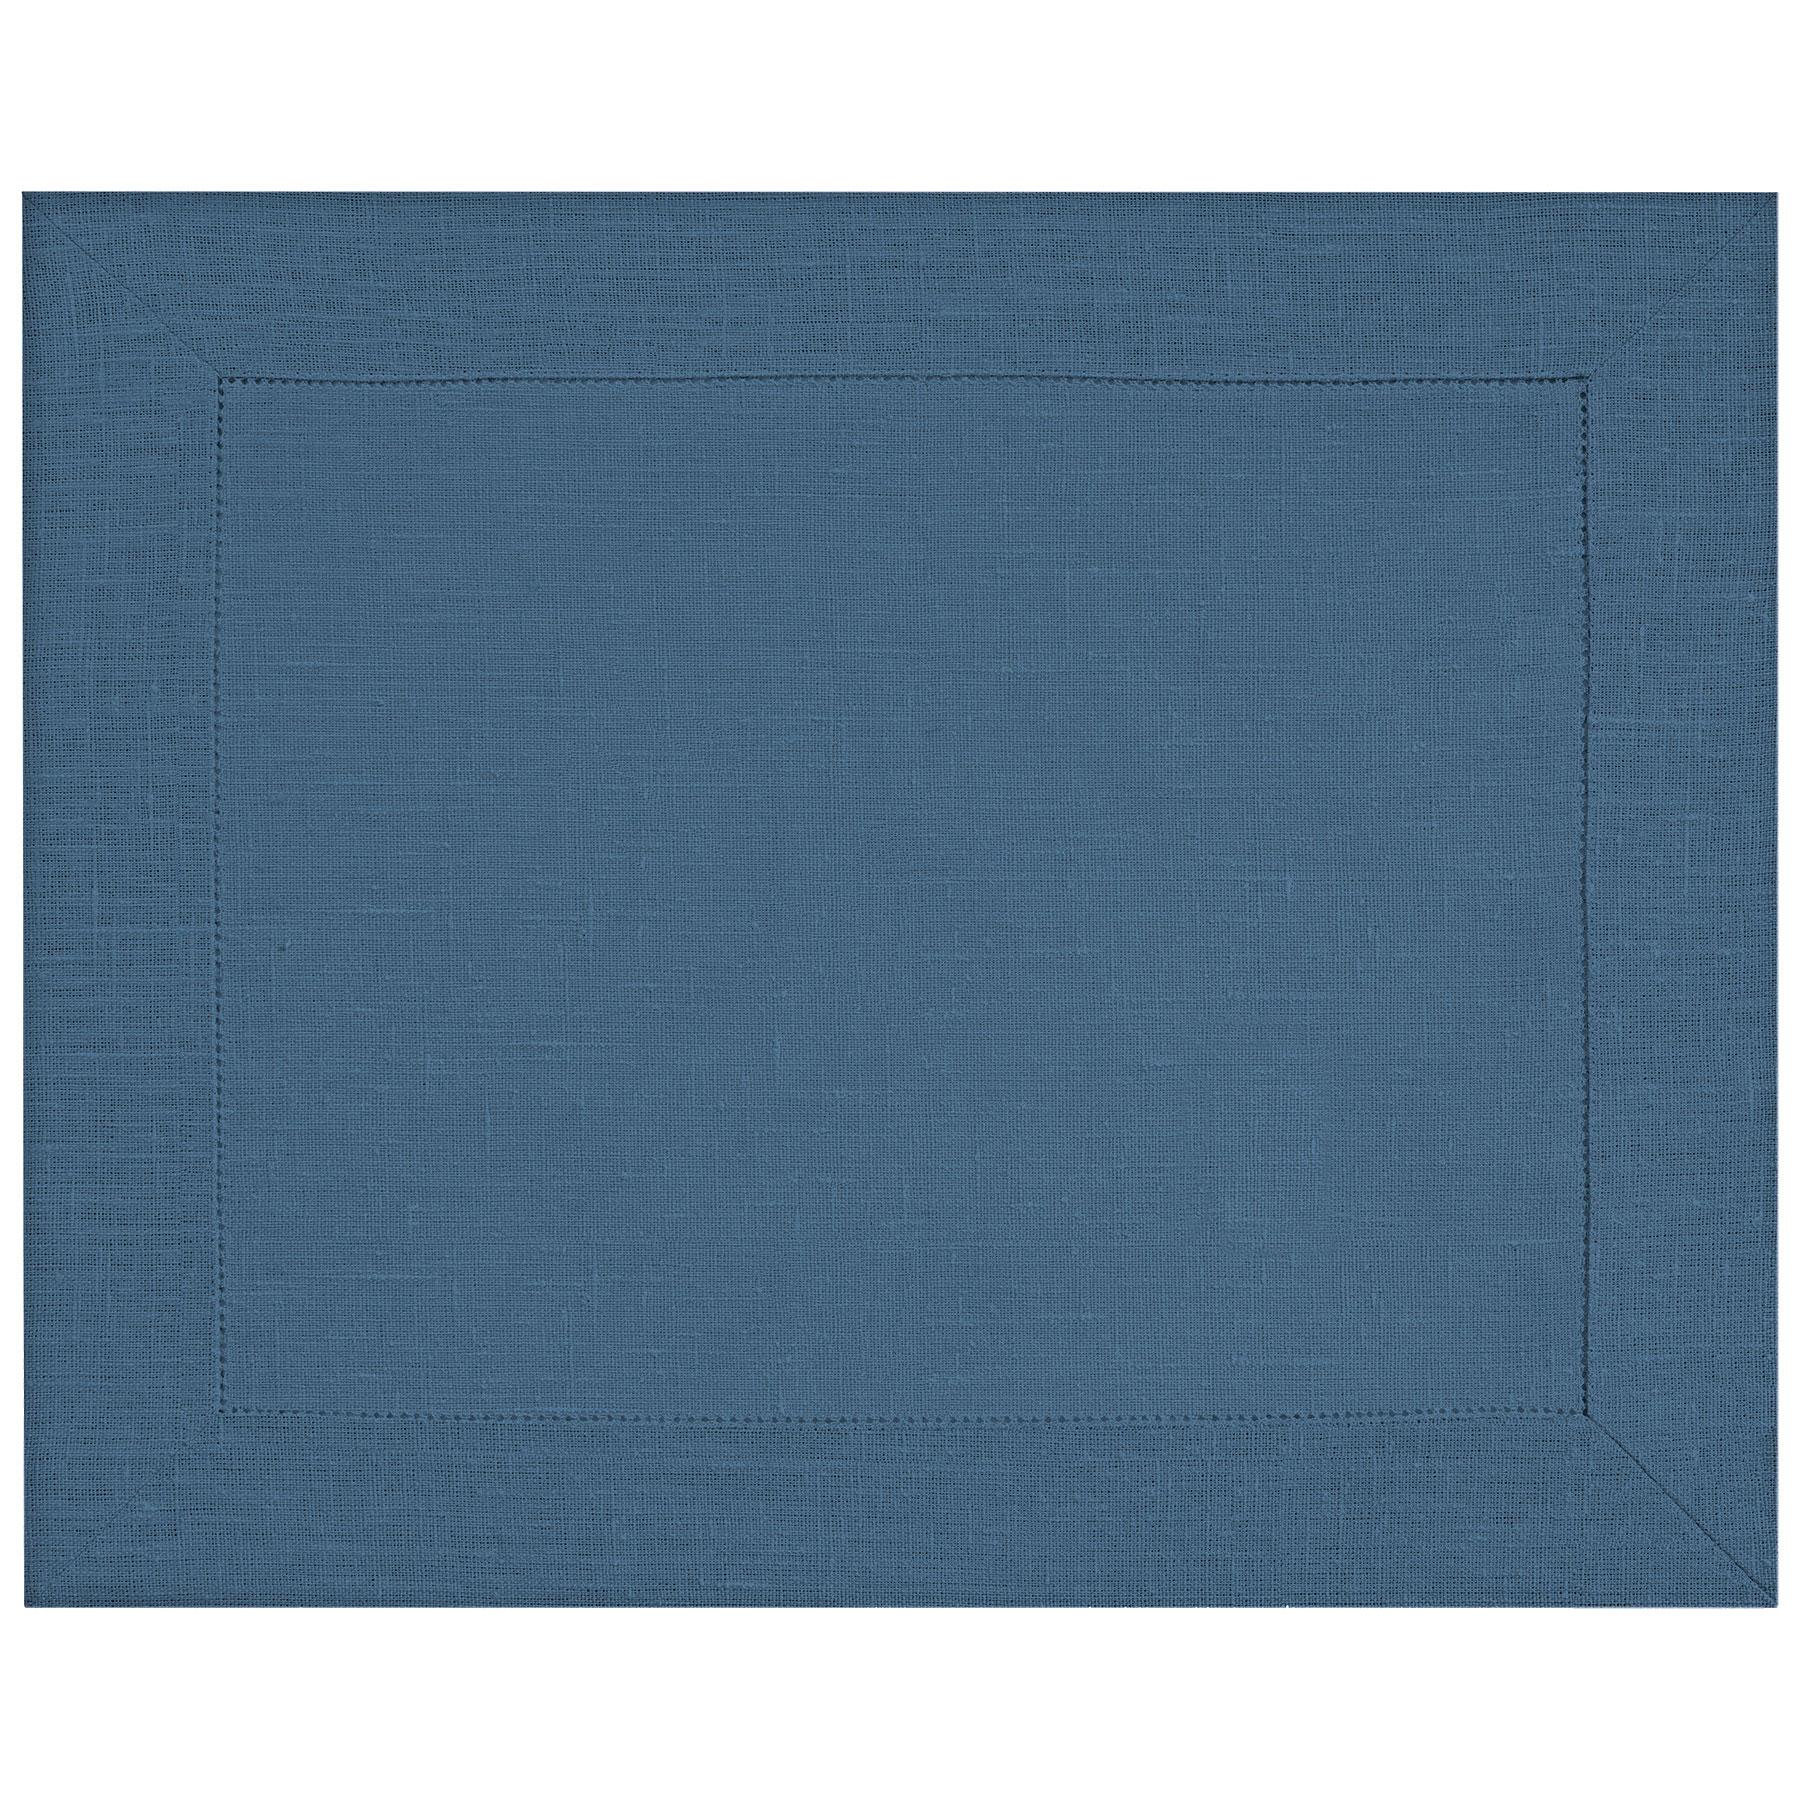 PLACEMAT <br />denim blue